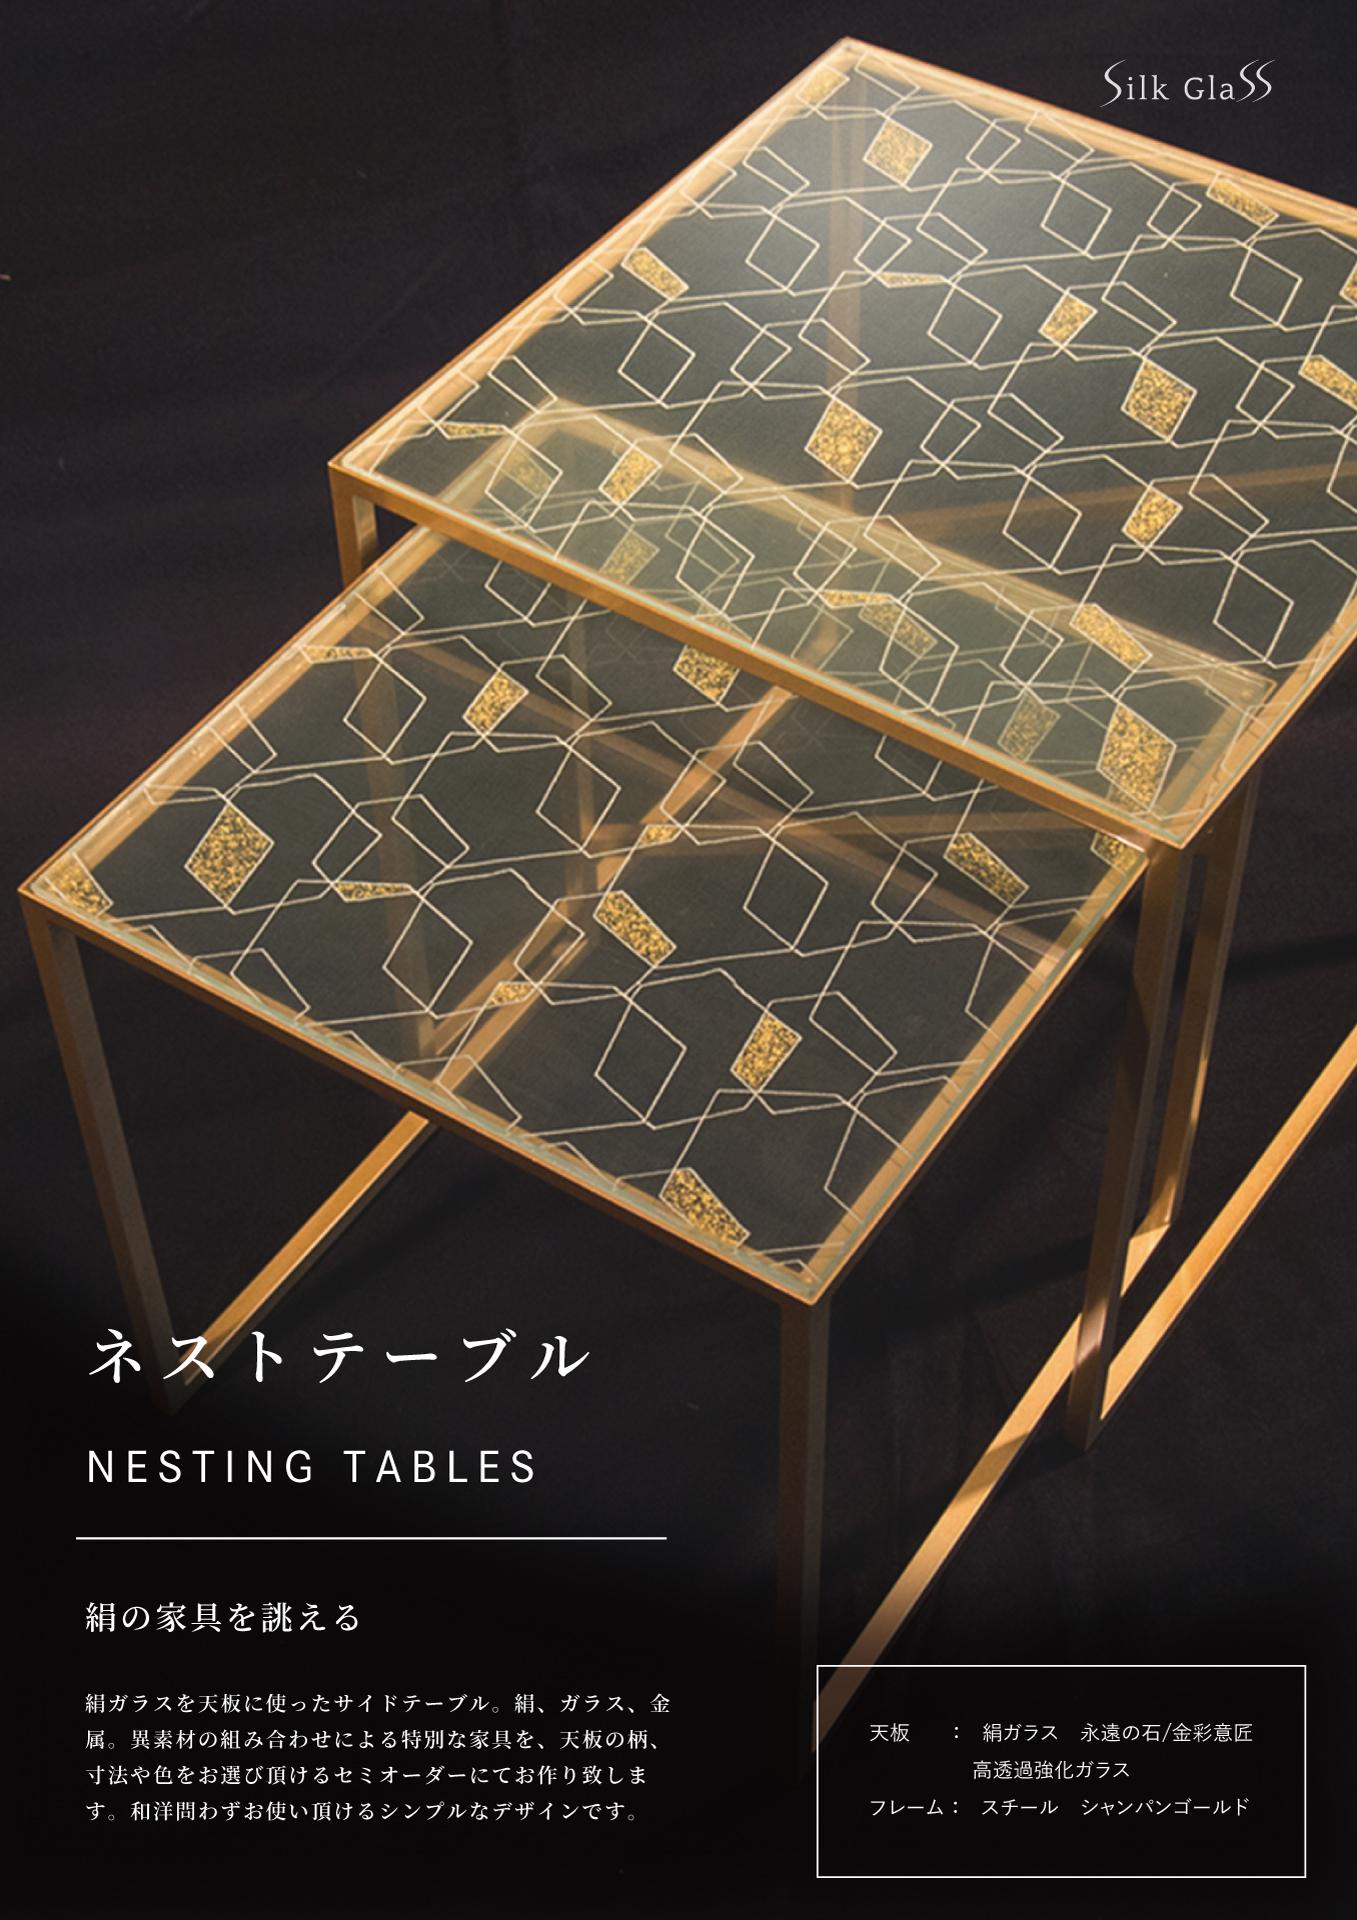 ネストテーブル NESTING TABLES 2.065MB